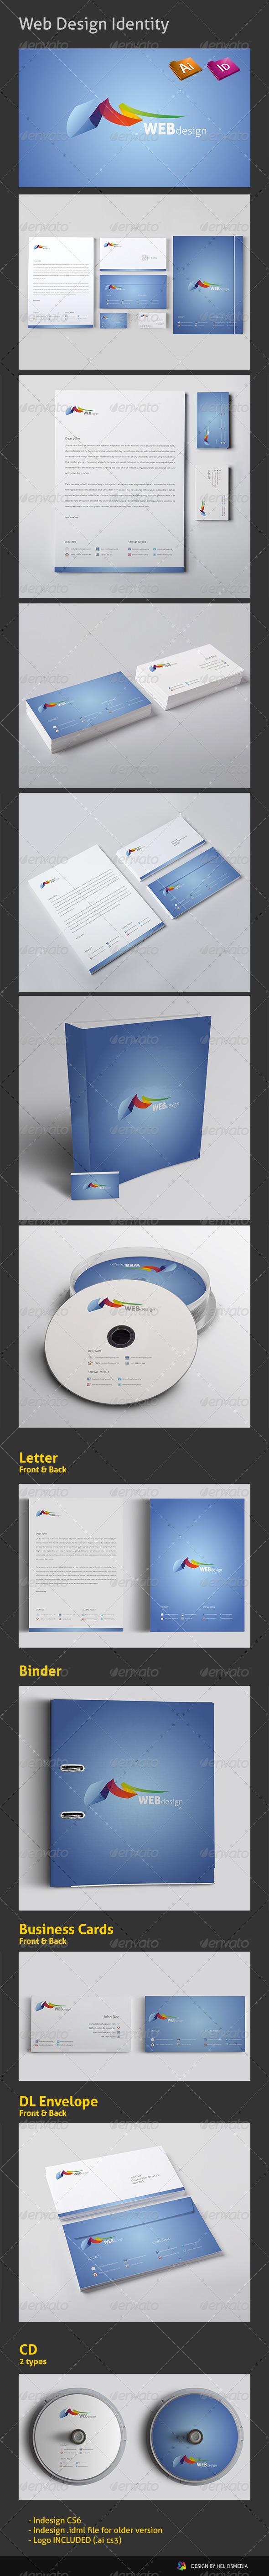 GraphicRiver Web Design Identity 4058386